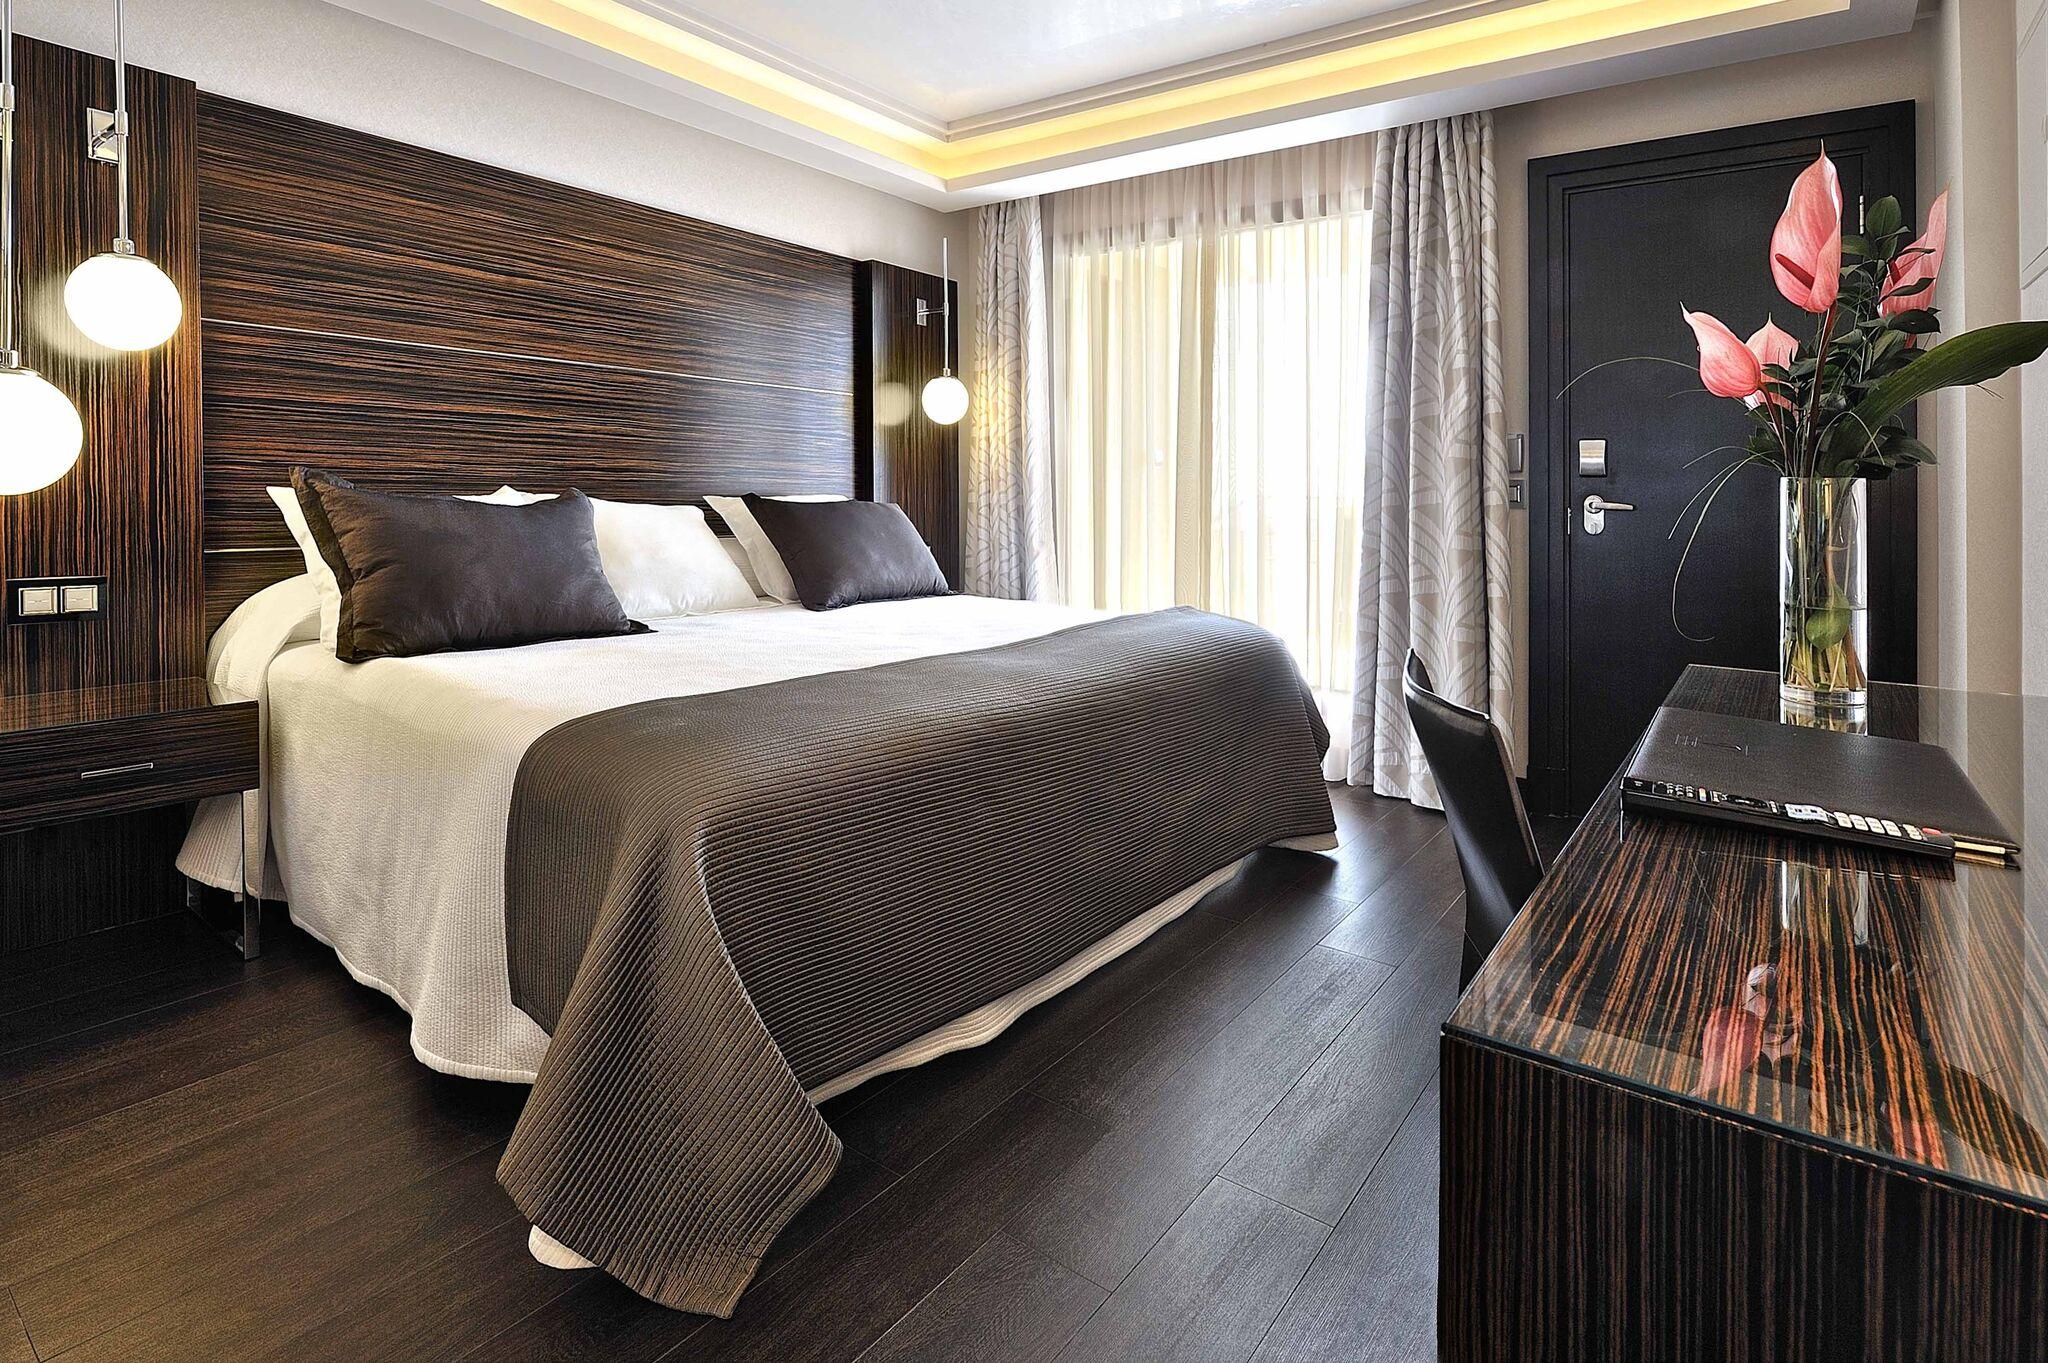 Hotel Vincci Aleysa habitación